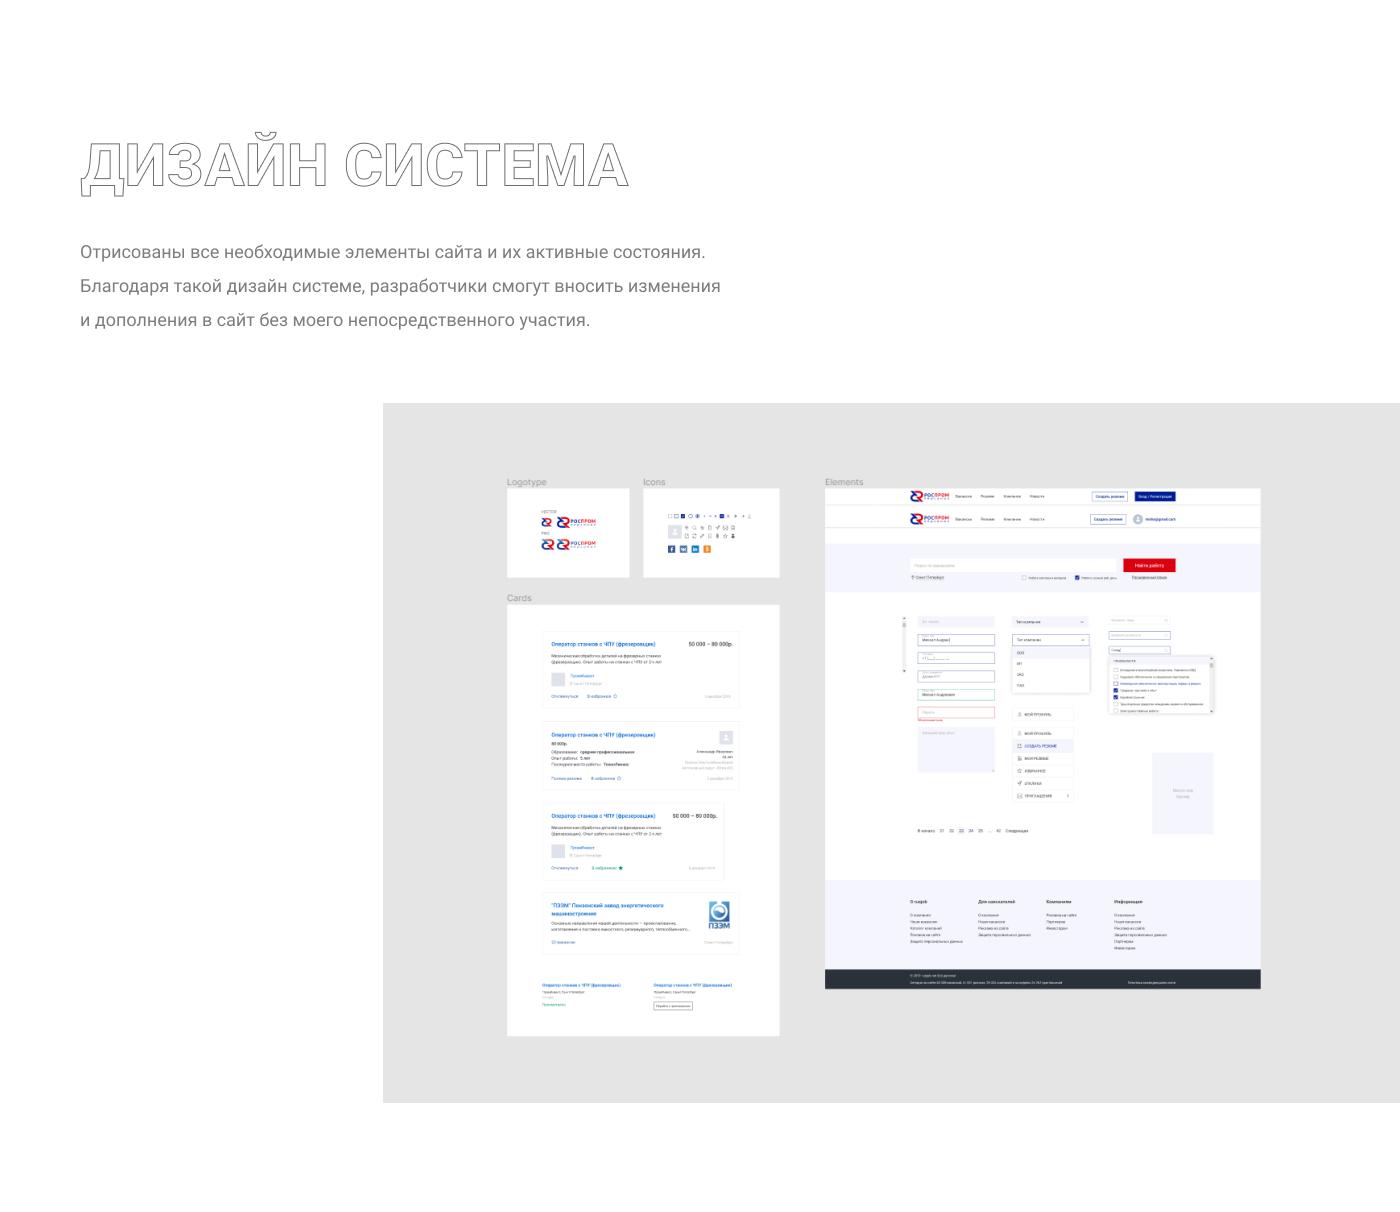 Дизайн система. Портфолио дизайнера сайтов